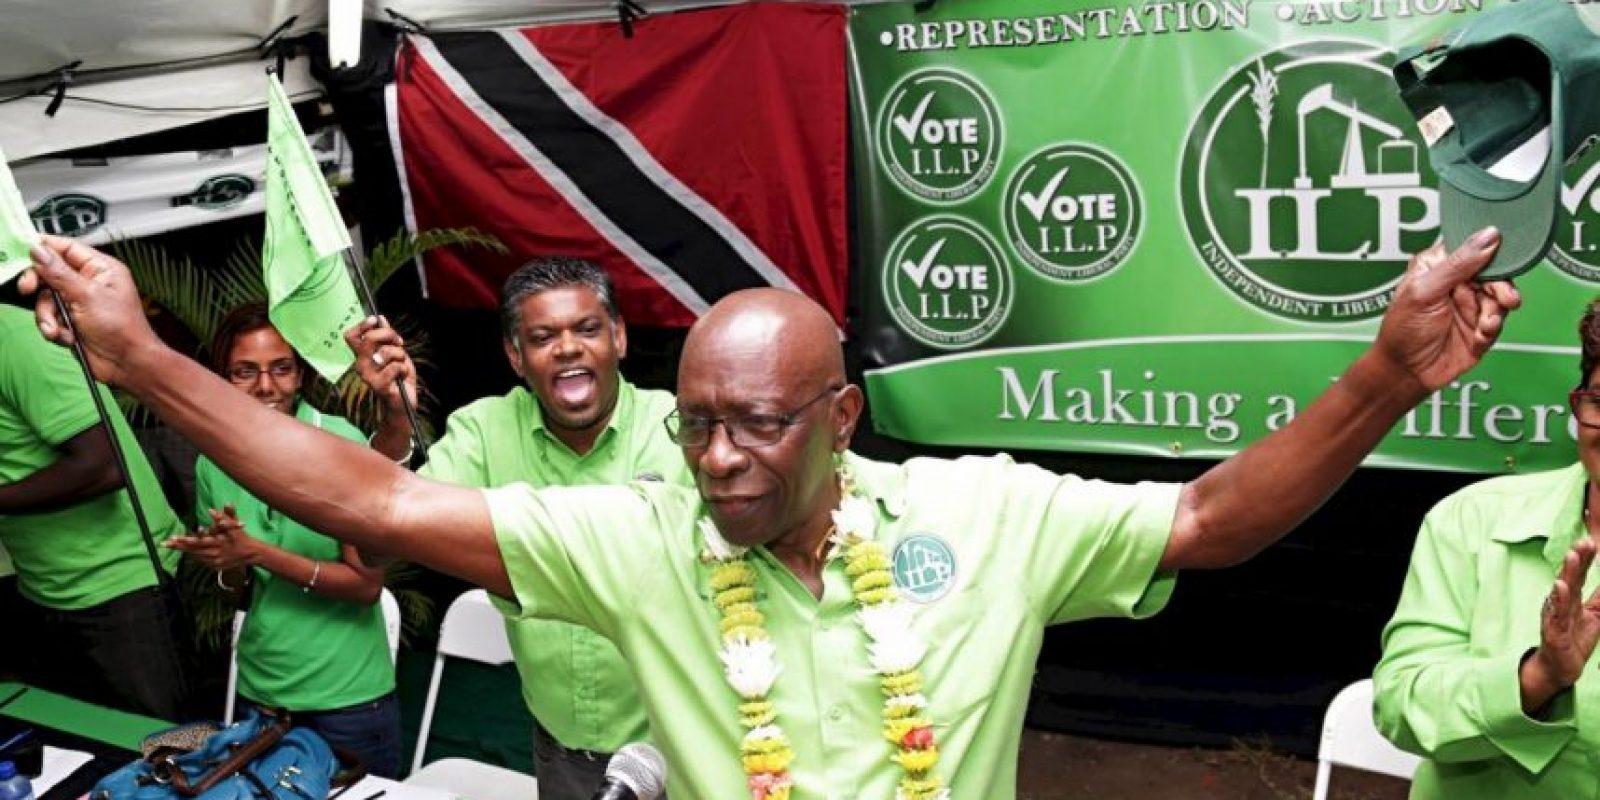 Ahora es político en Trinidad y Tobago, su país de origen Foto:Facebook: Jack Warner (Official Page)